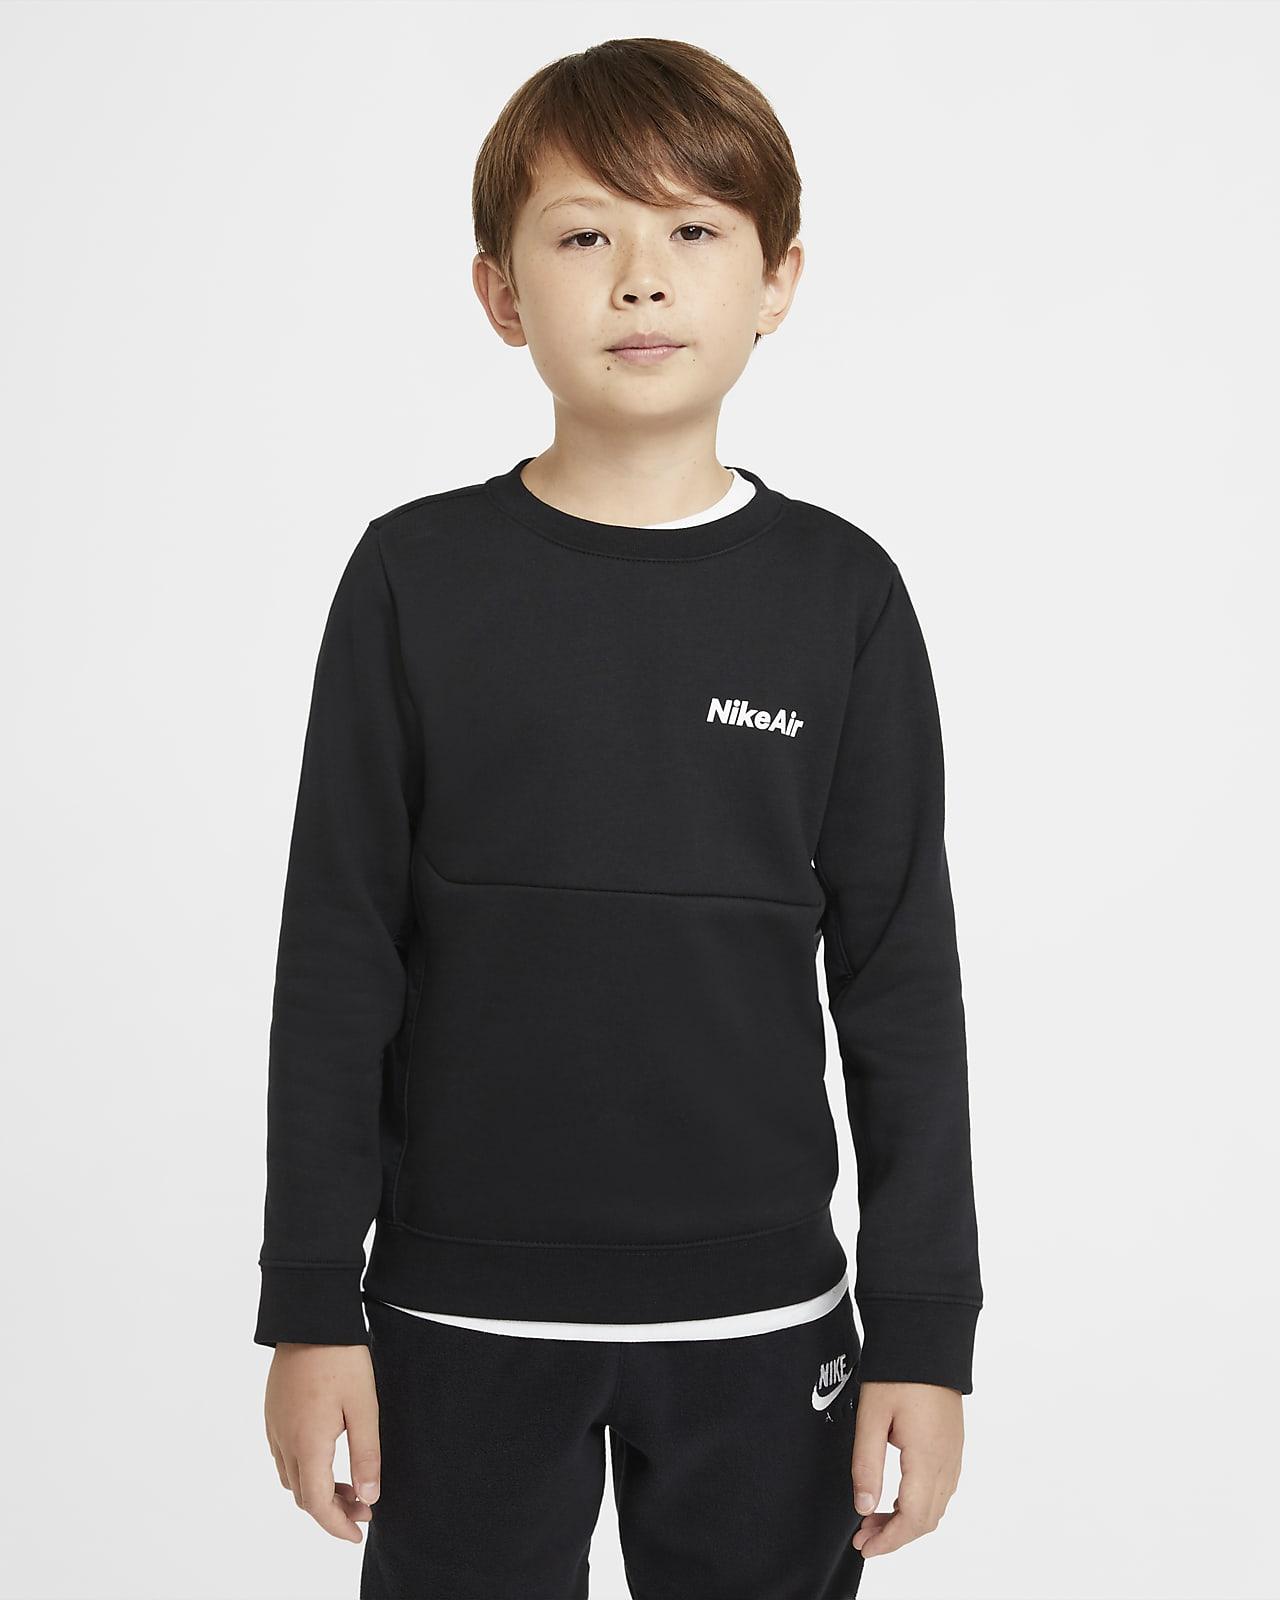 Camisola de manga comprida Nike Air Júnior (Rapaz)